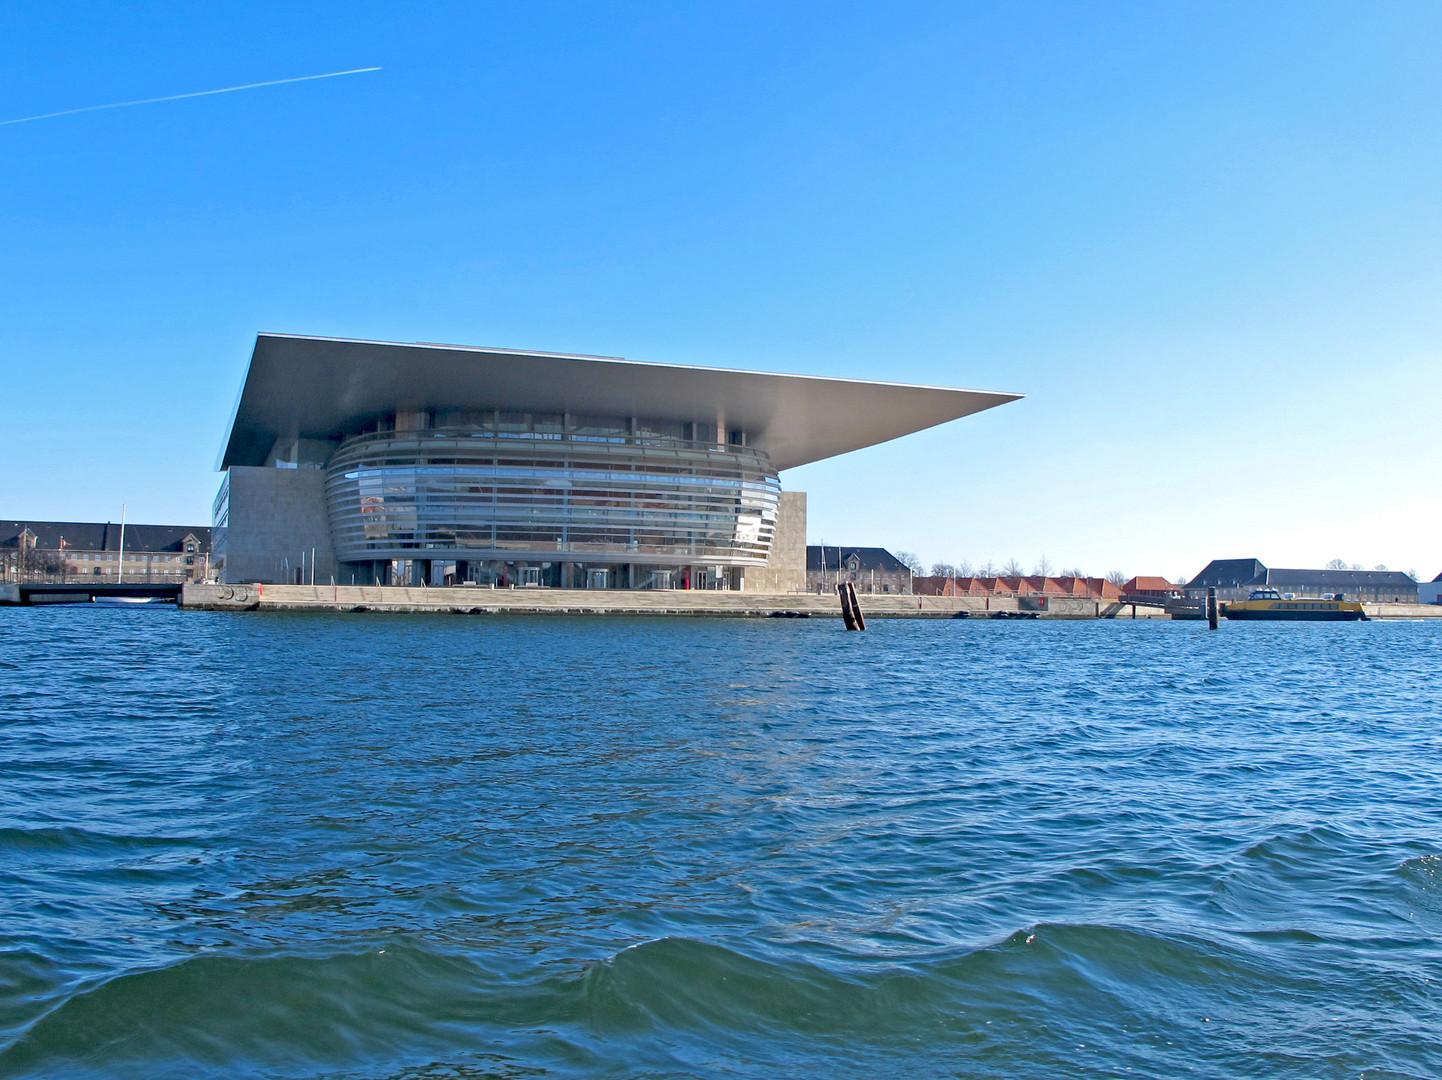 Königliche Oper auf der Insel Holmen von Kopenhagen